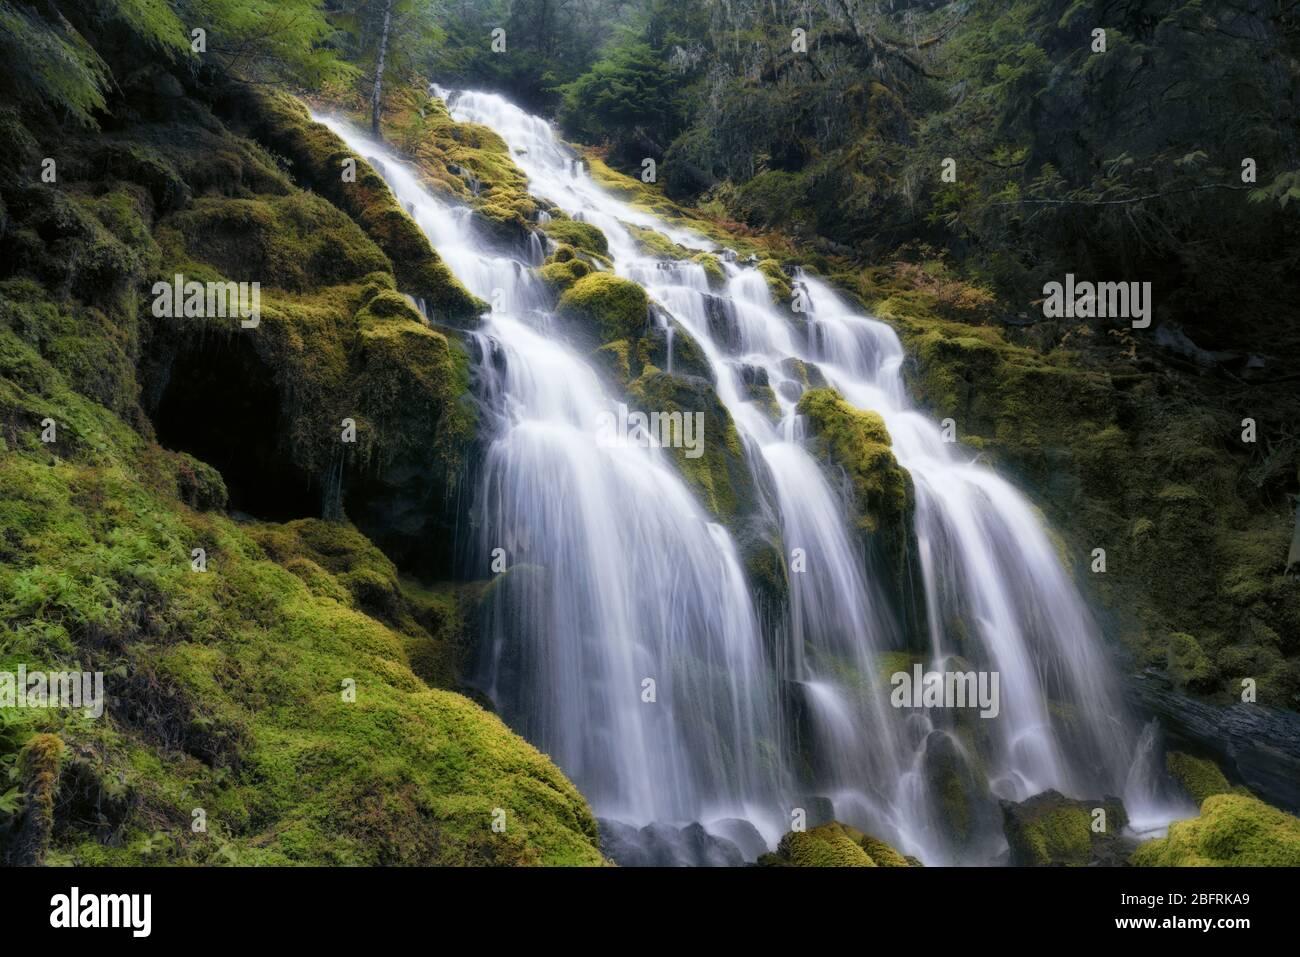 Les chutes de Upper Proxy se répandent sur des mousses ont couvert le basalte en colonnes dans le comté de Three Sisters Wilderness et Lane de l'Oregon. Banque D'Images